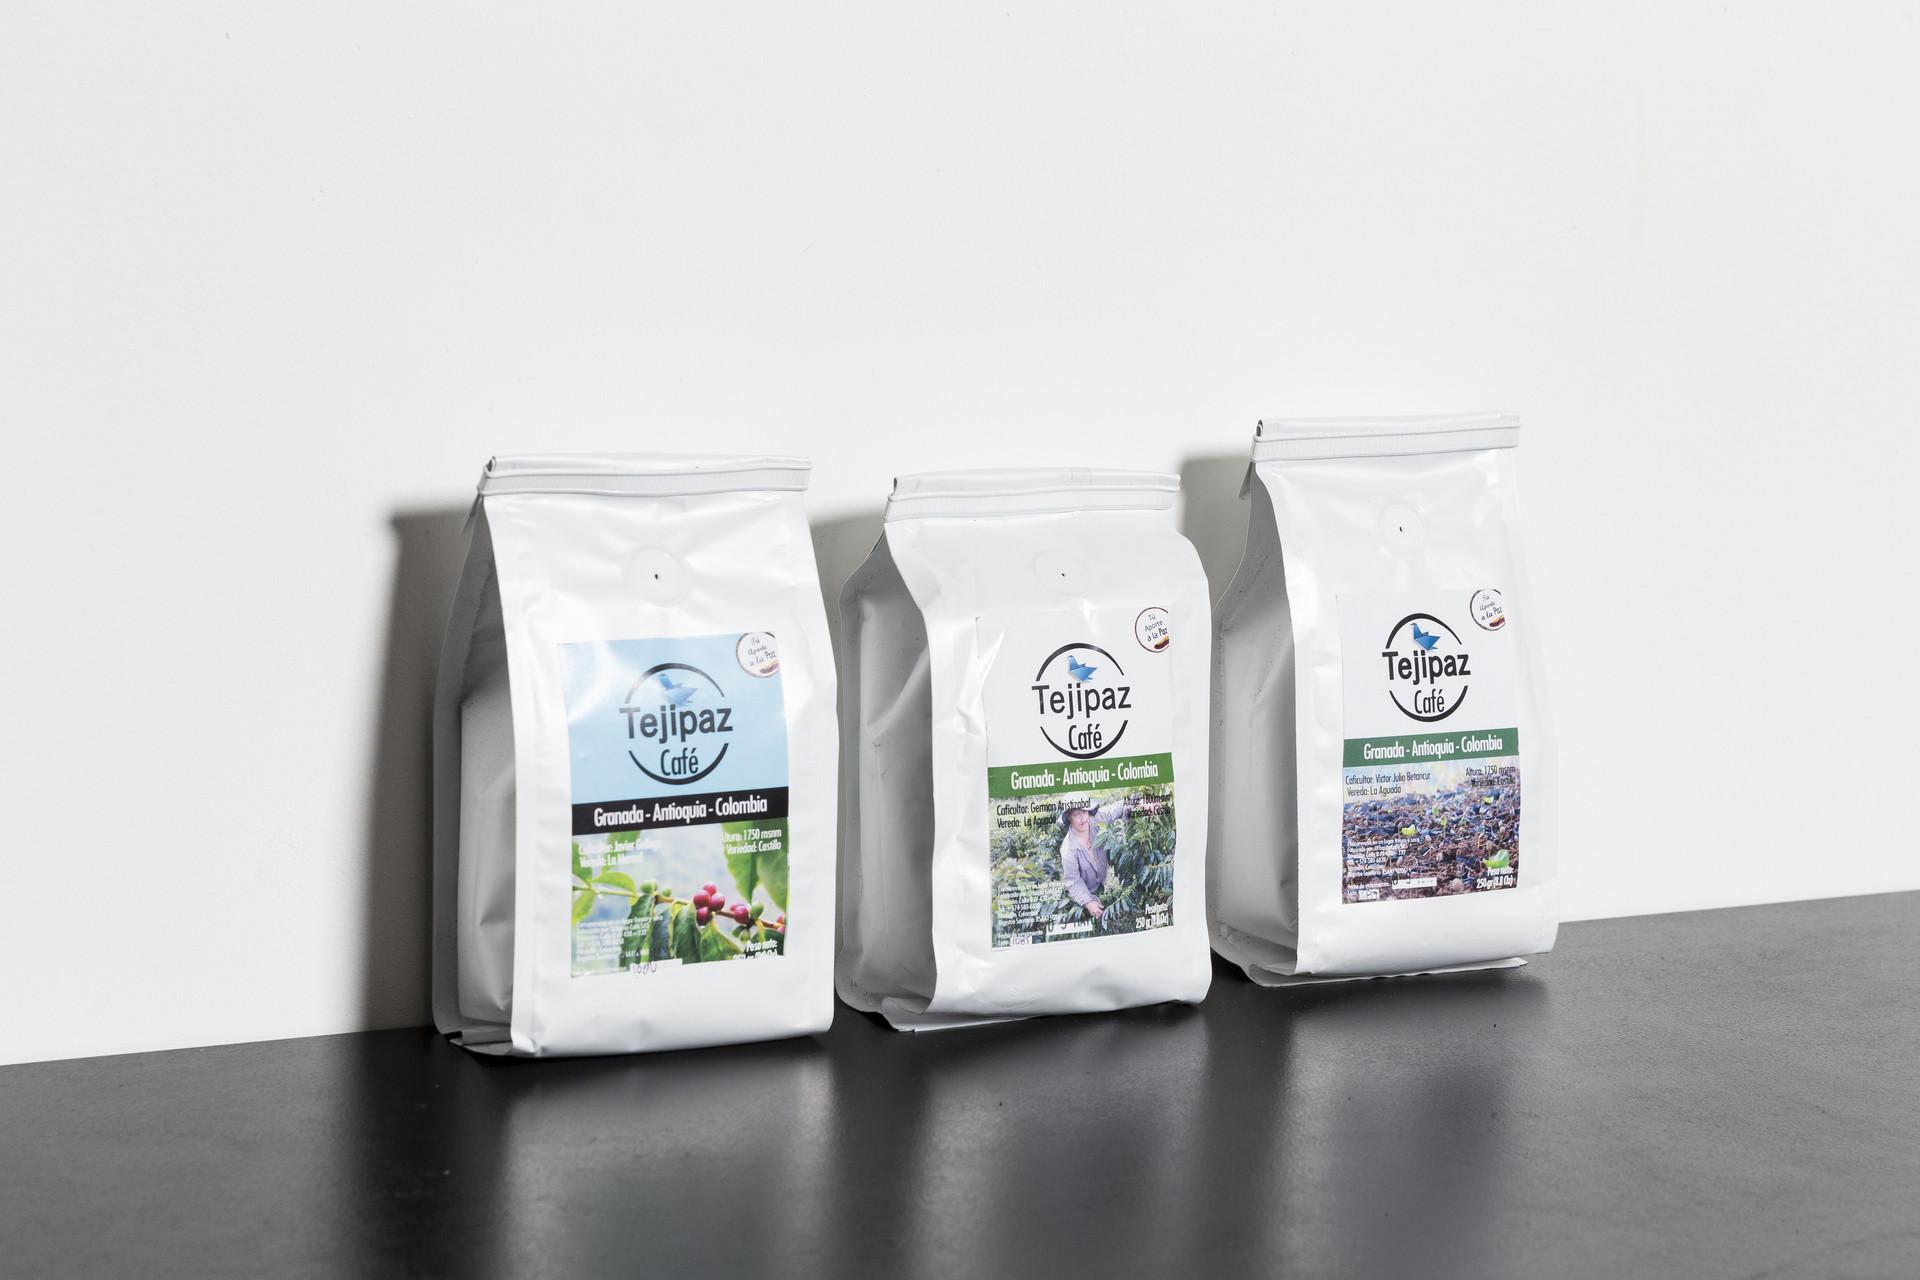 TEJIPAZ Coffee